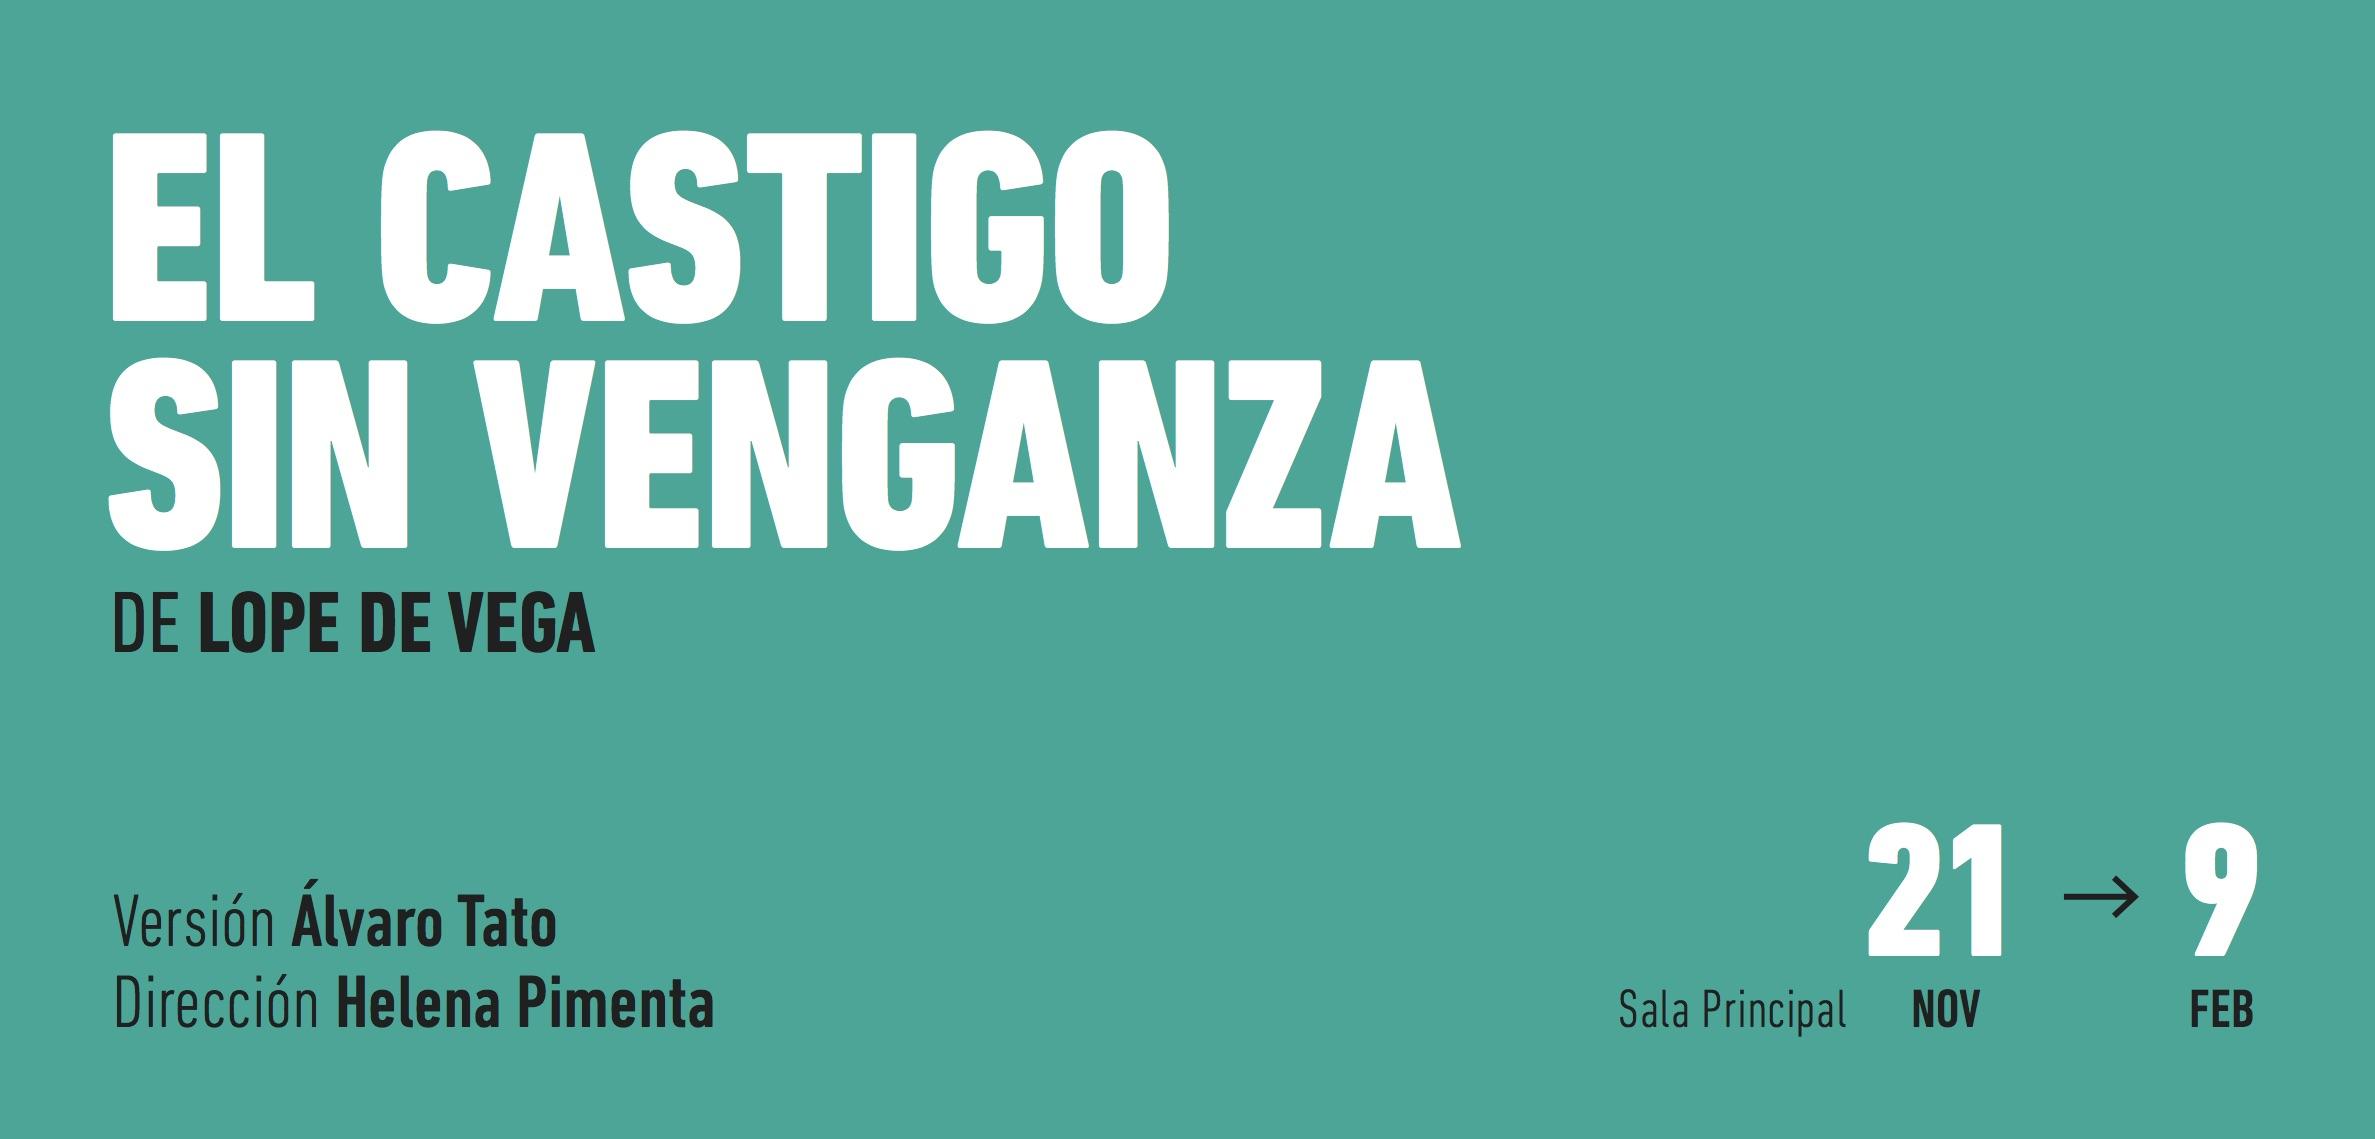 EL CASTIGO SIN VENGANZA en el Teatro de la Comedia